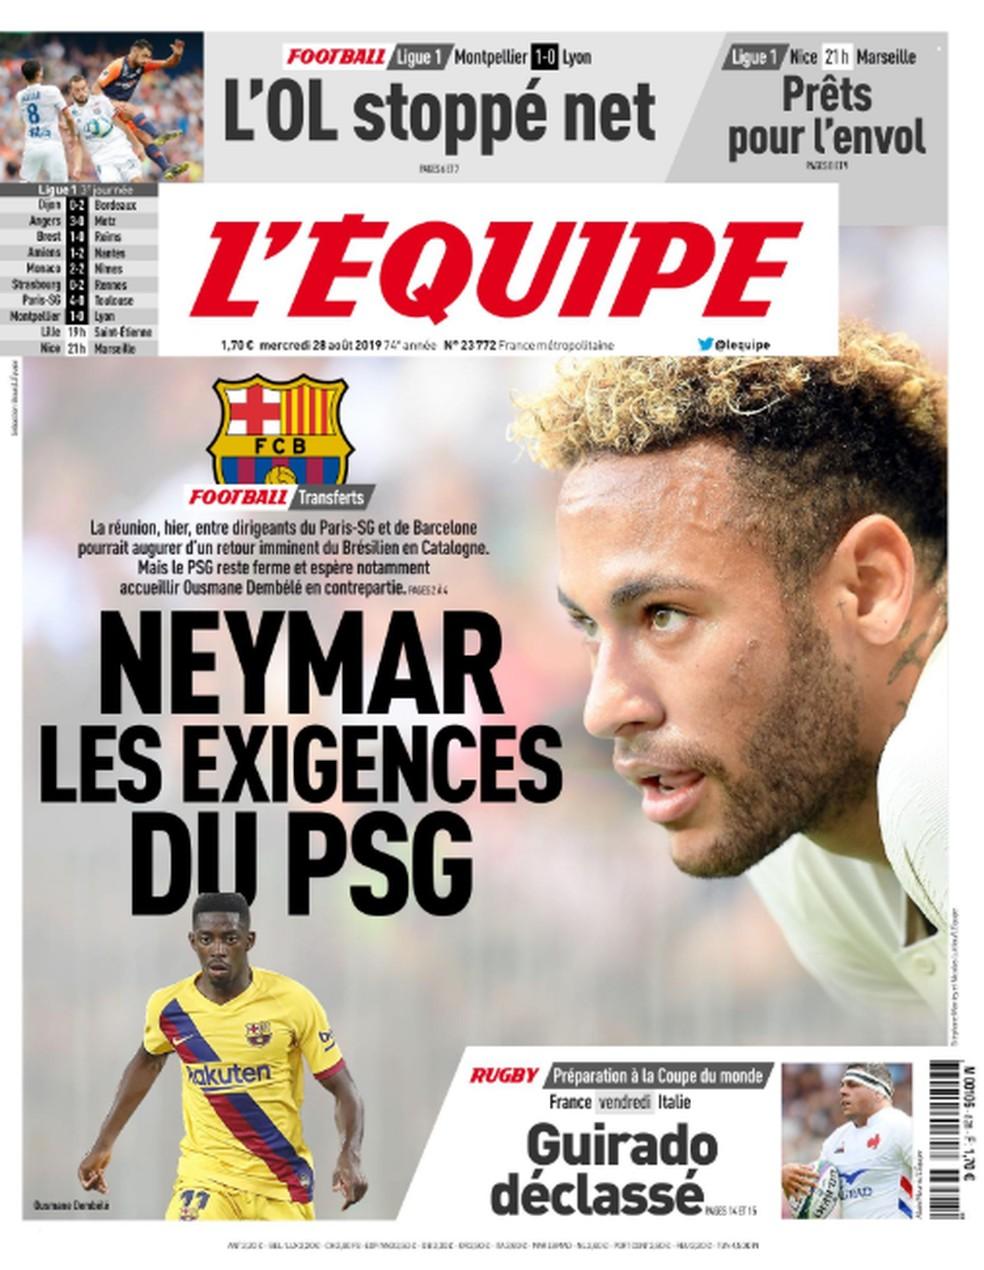 Capa do L'Équipe sobre Neymar, Barcelona e Paris Saint-Germain — Foto: Divulgação